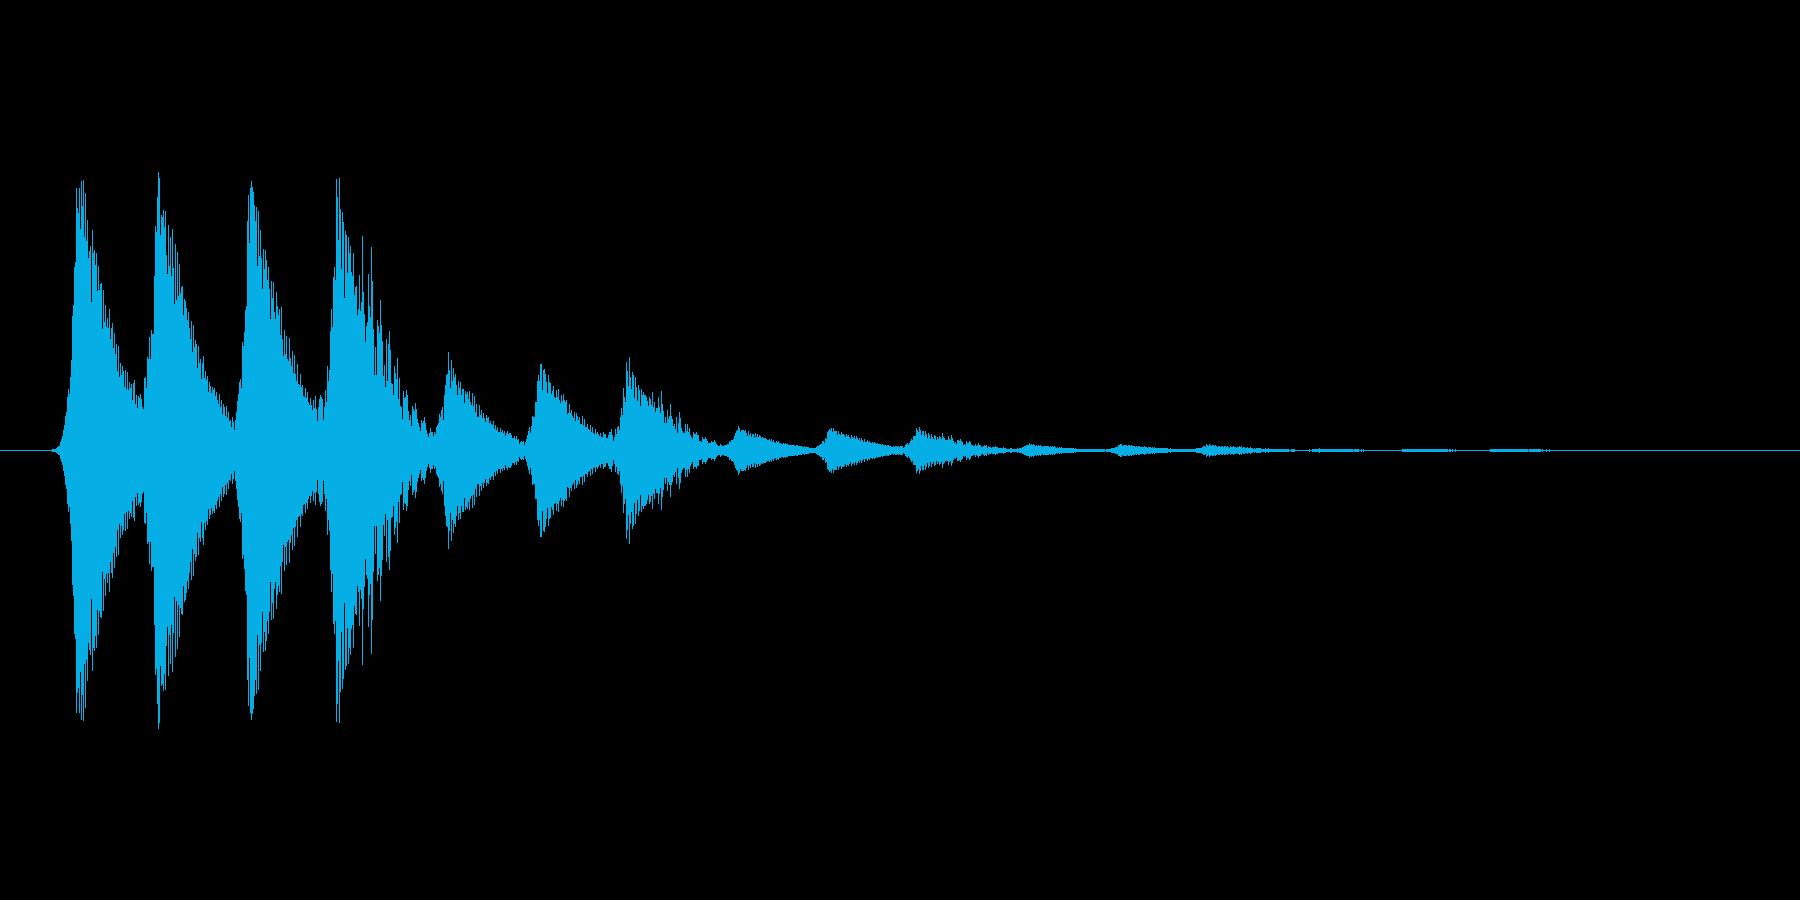 ファミコン風効果音 キャンセル系 10の再生済みの波形